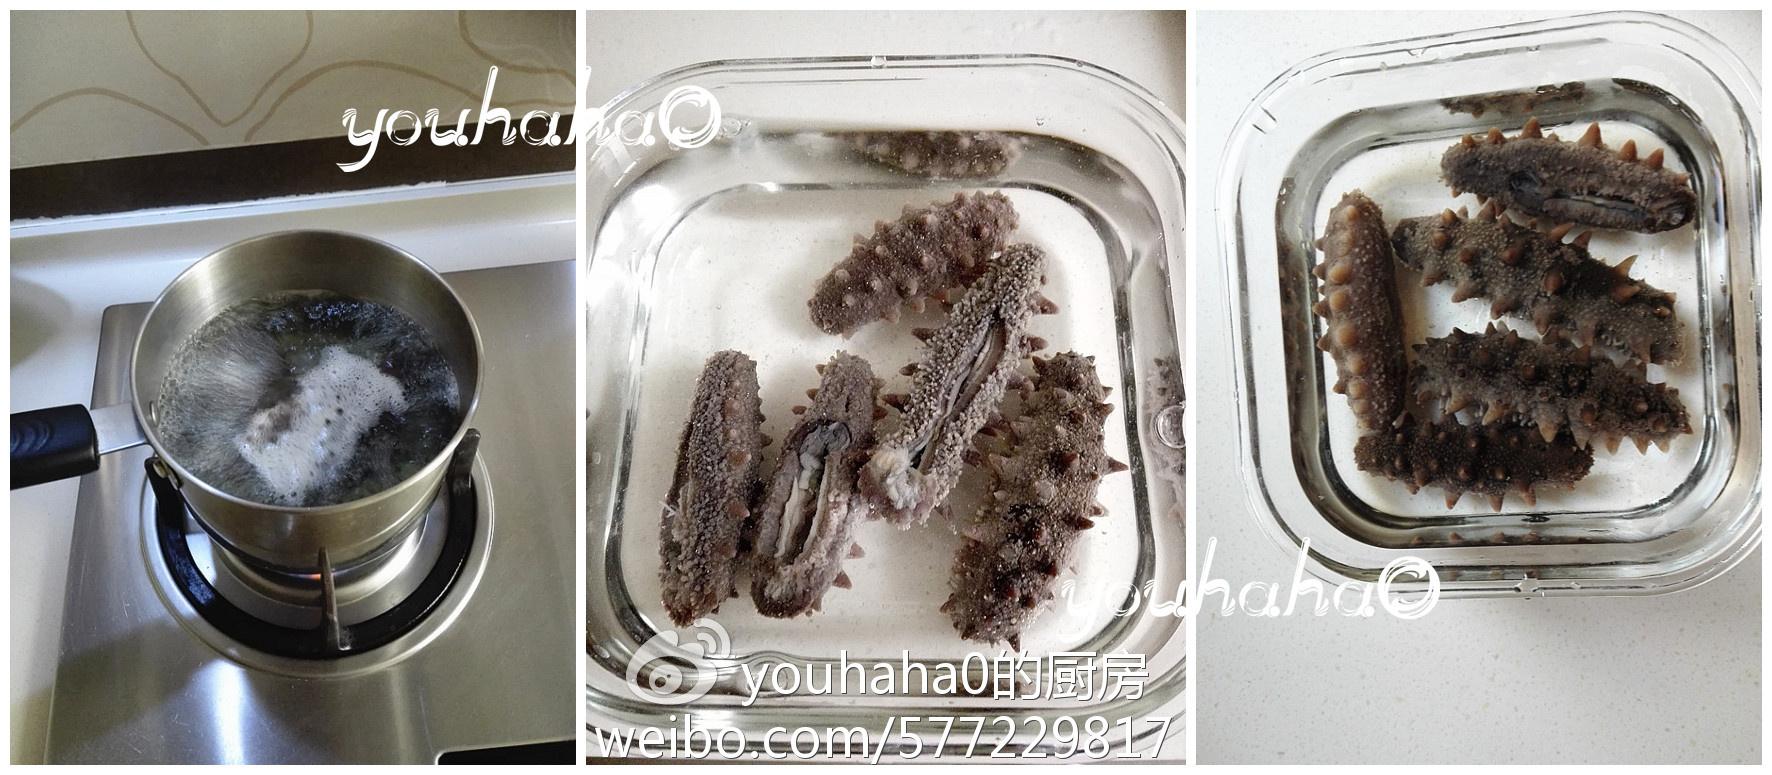 海参的功效与作用--葱烧海参